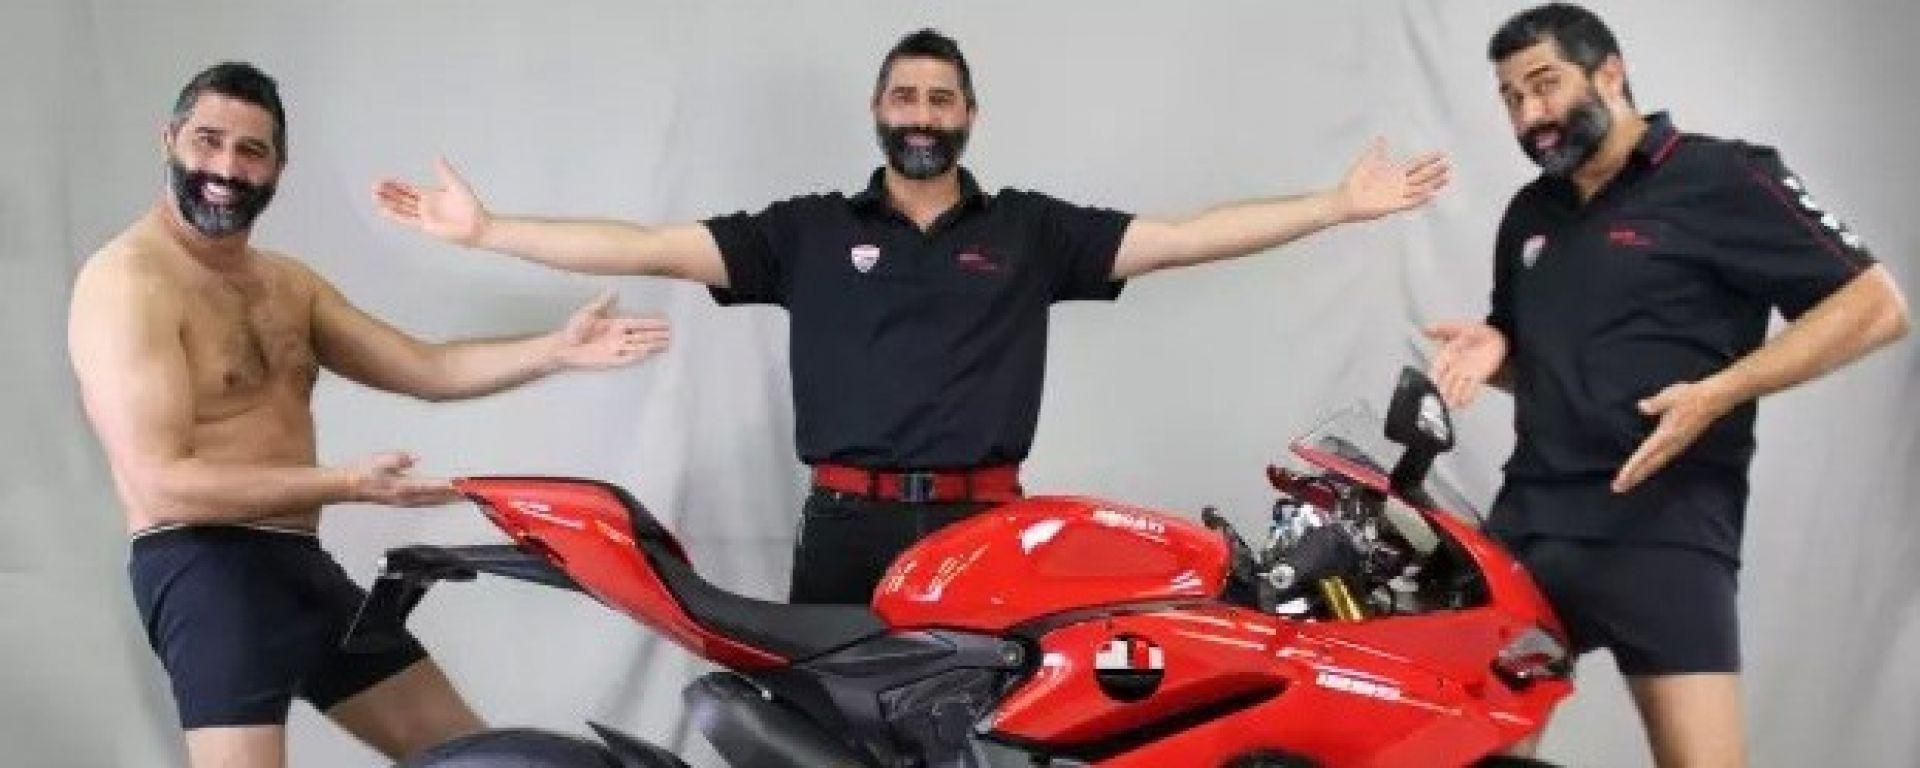 Ducati MotoCorsa: la foto scelta per la campagna di crowdfunding